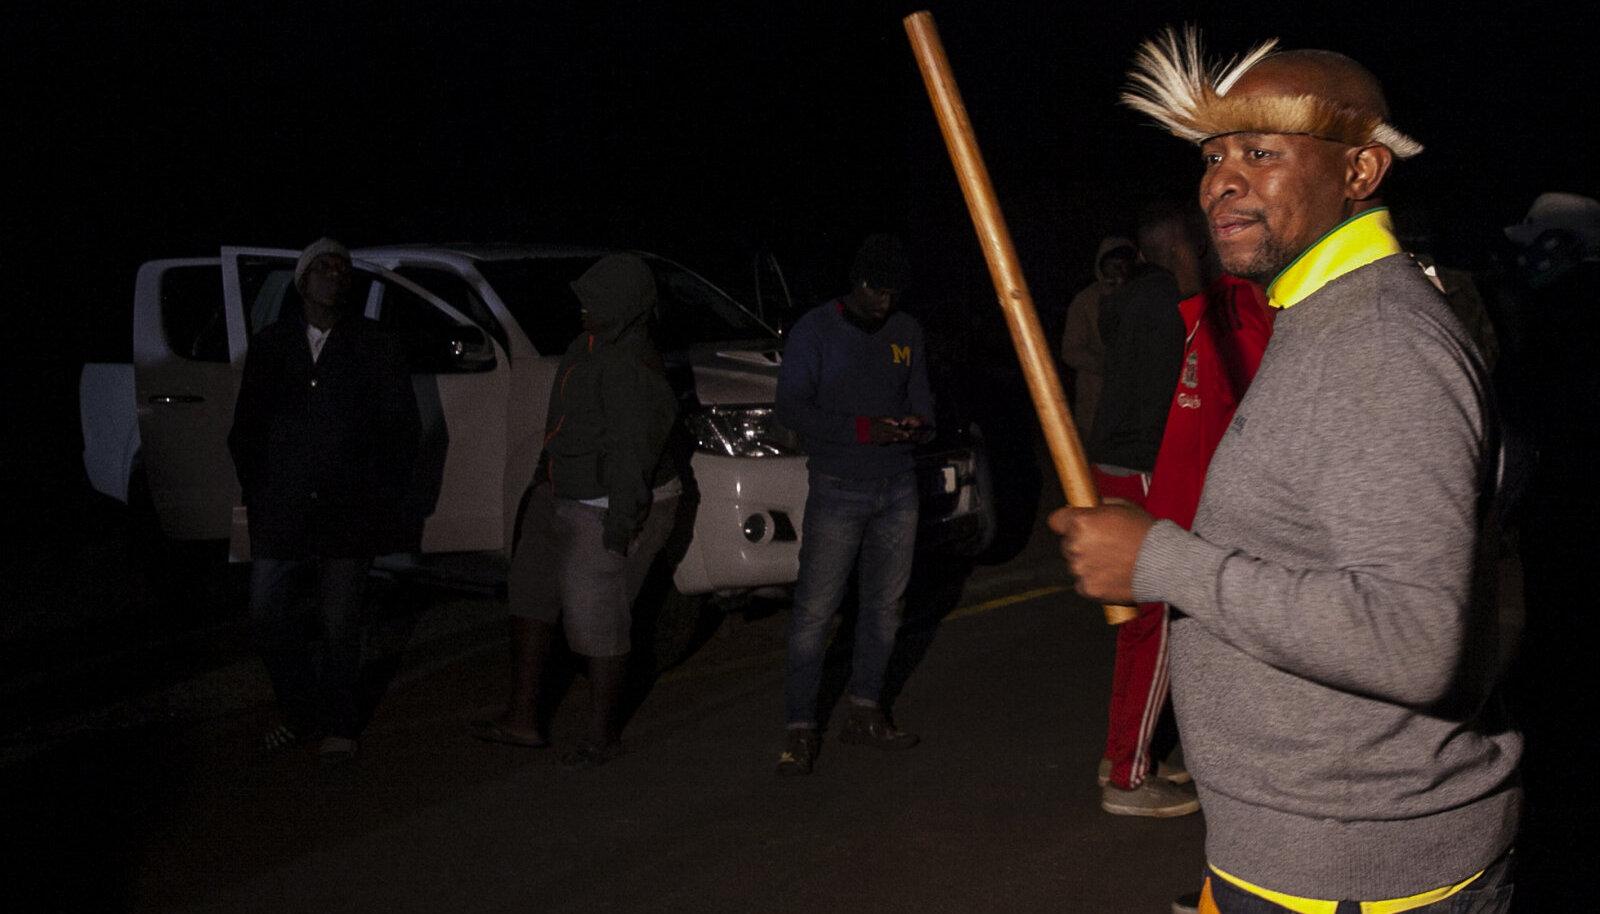 Jacob Zuma poeg Edward eile tema residentsi juures. Kartused, et toetajad püüavad Zumat politsei käest päästa, ei täitunud.